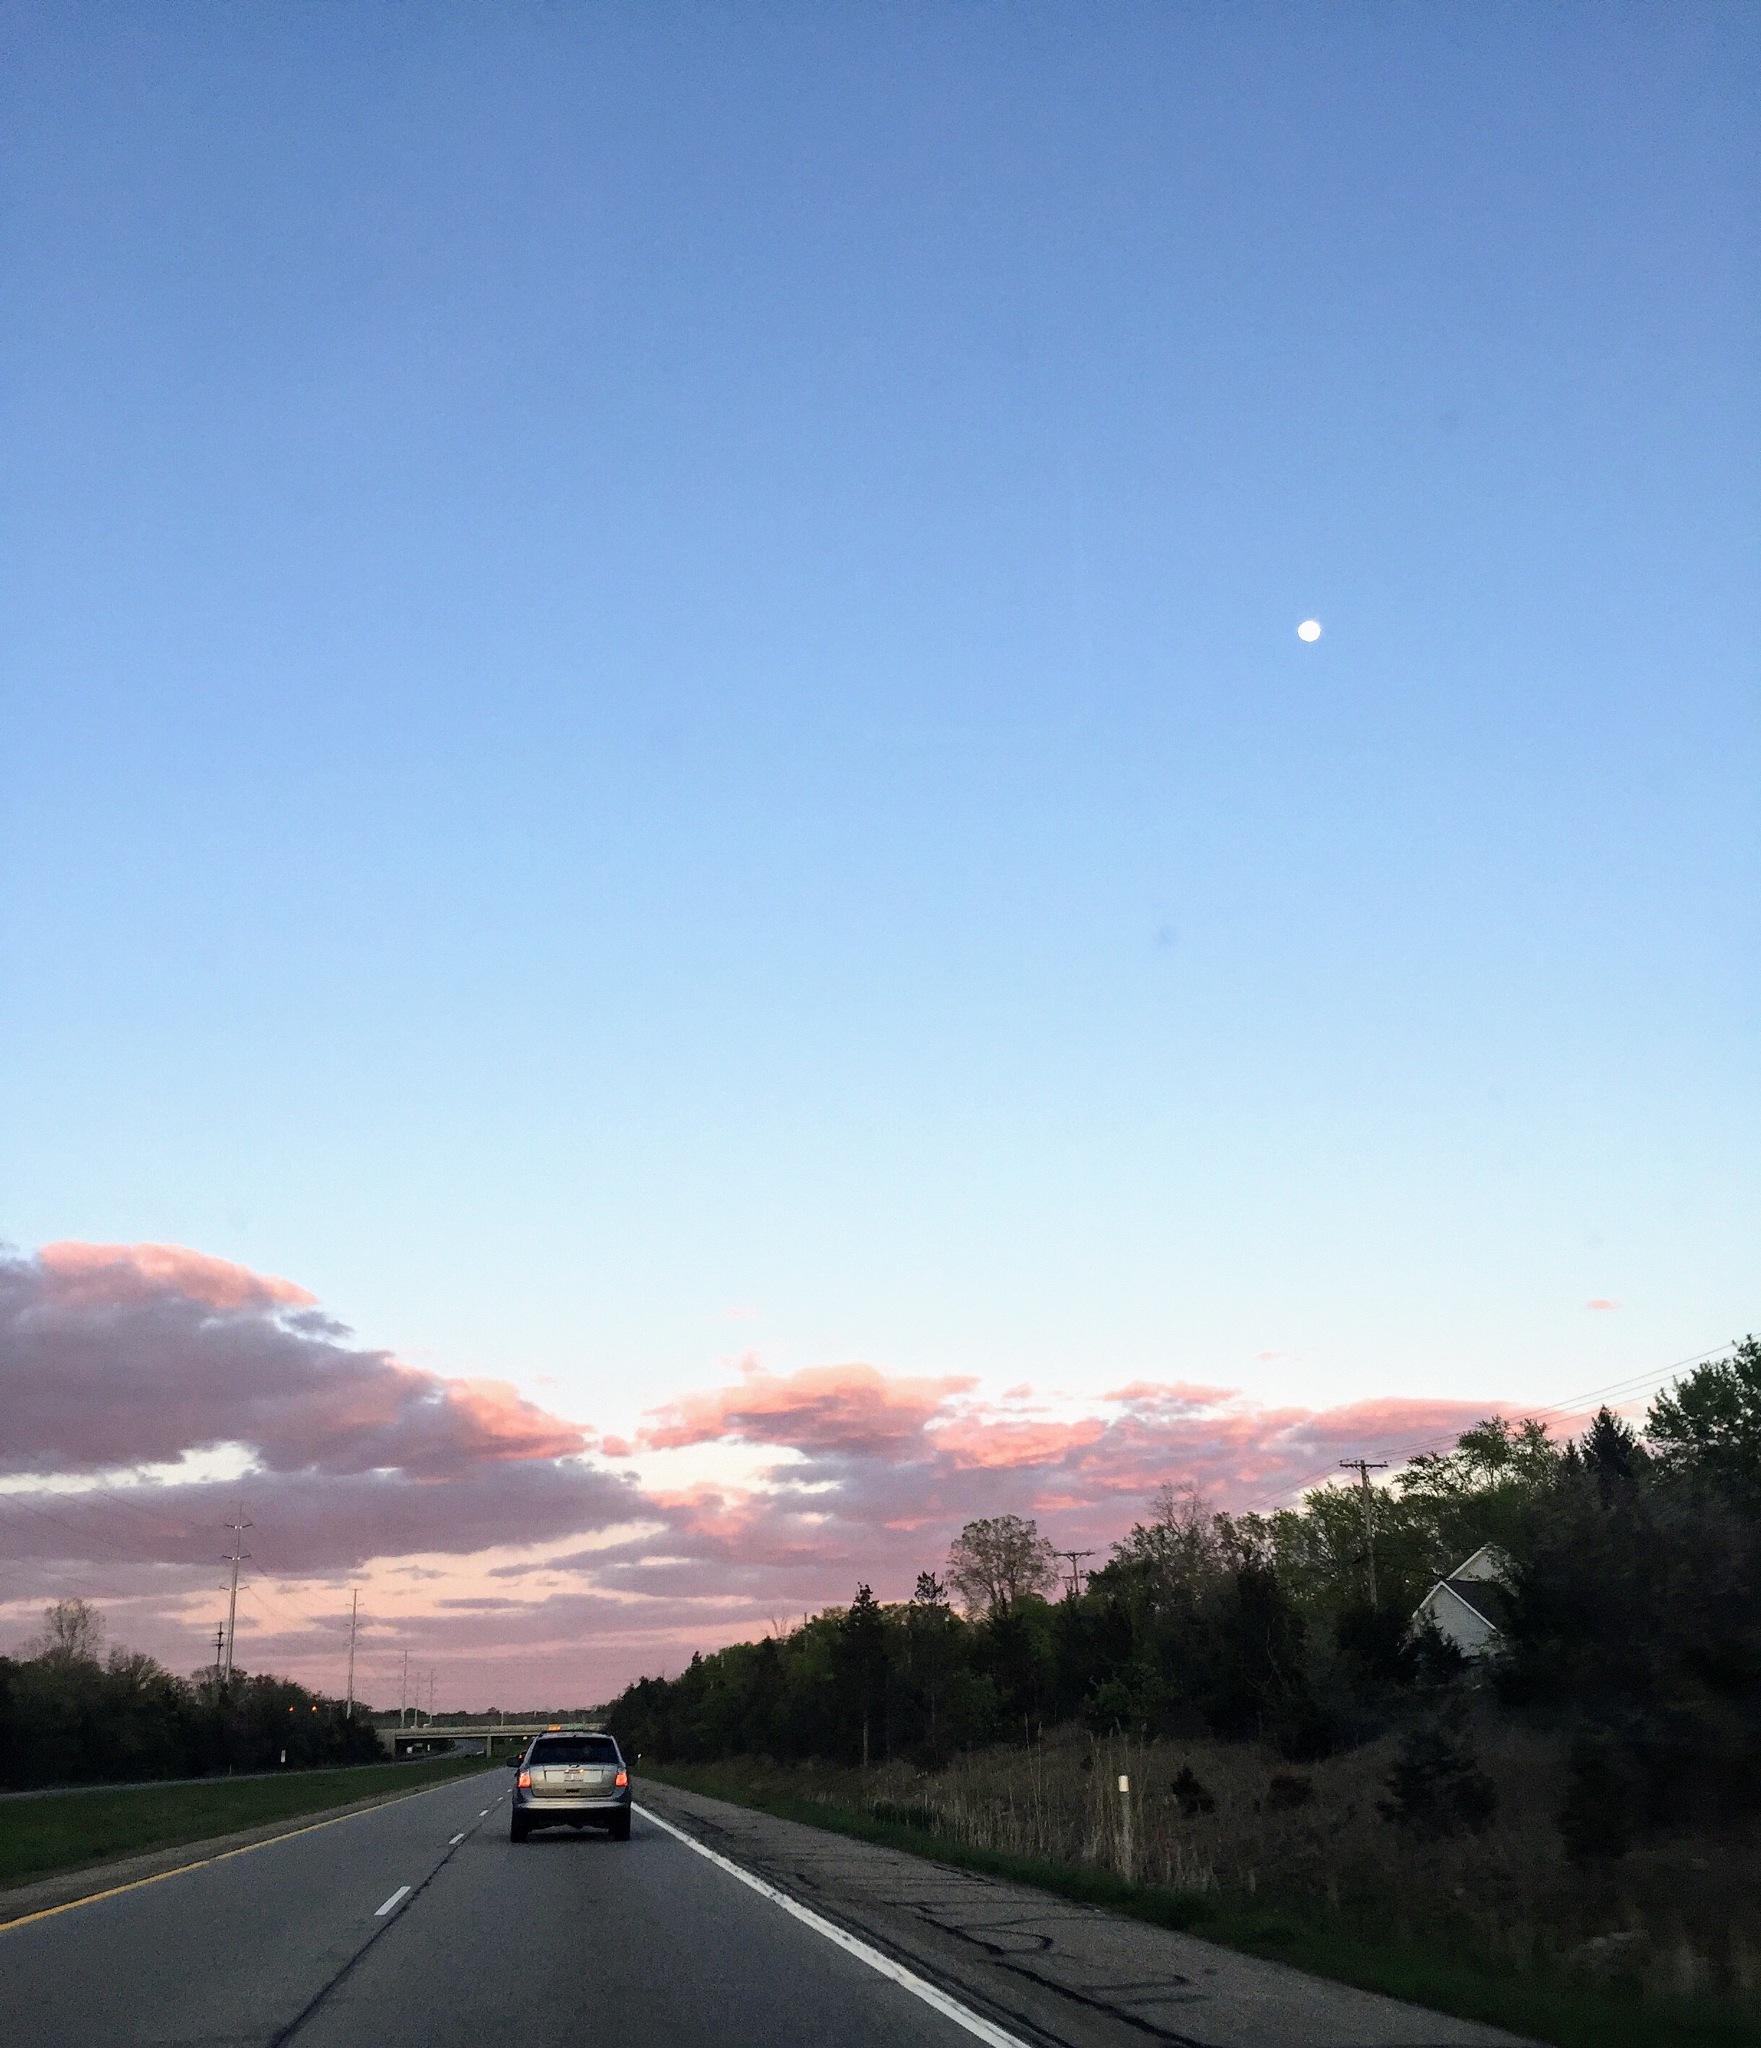 I Spy the Moon by Mgrinage